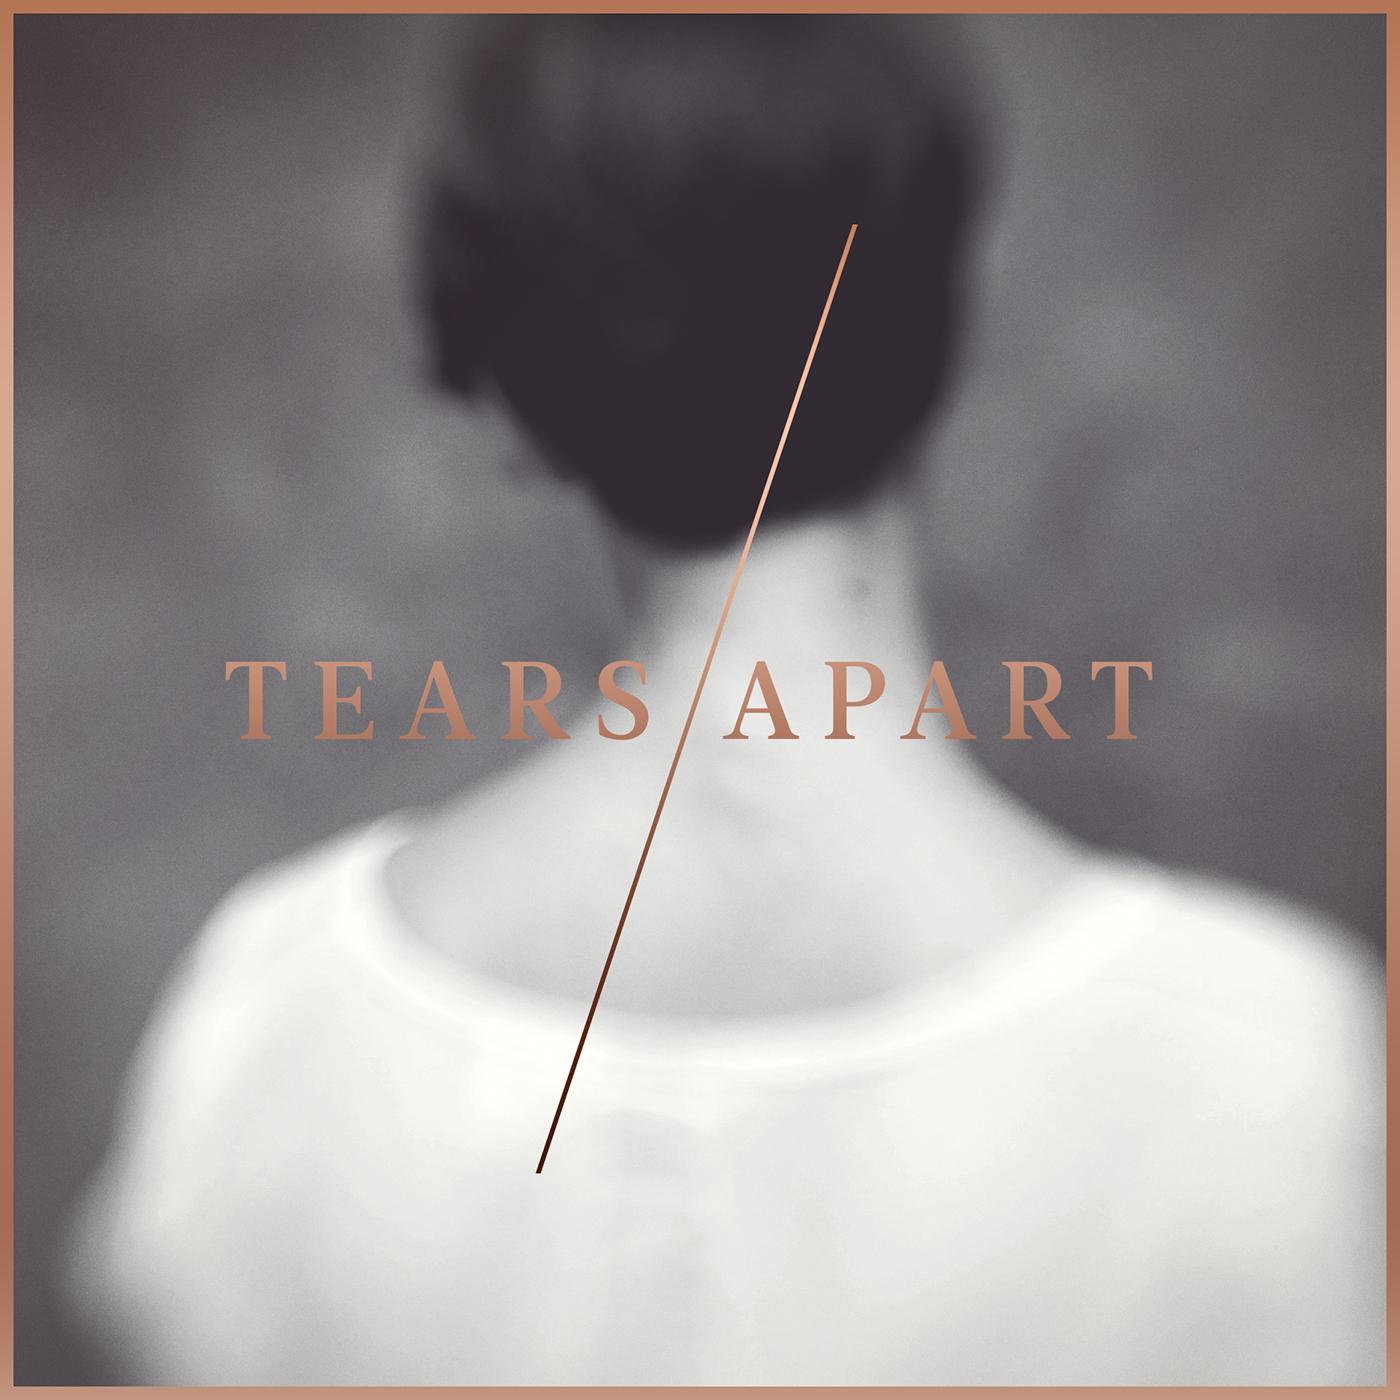 Tears Apart: Tears / Apart